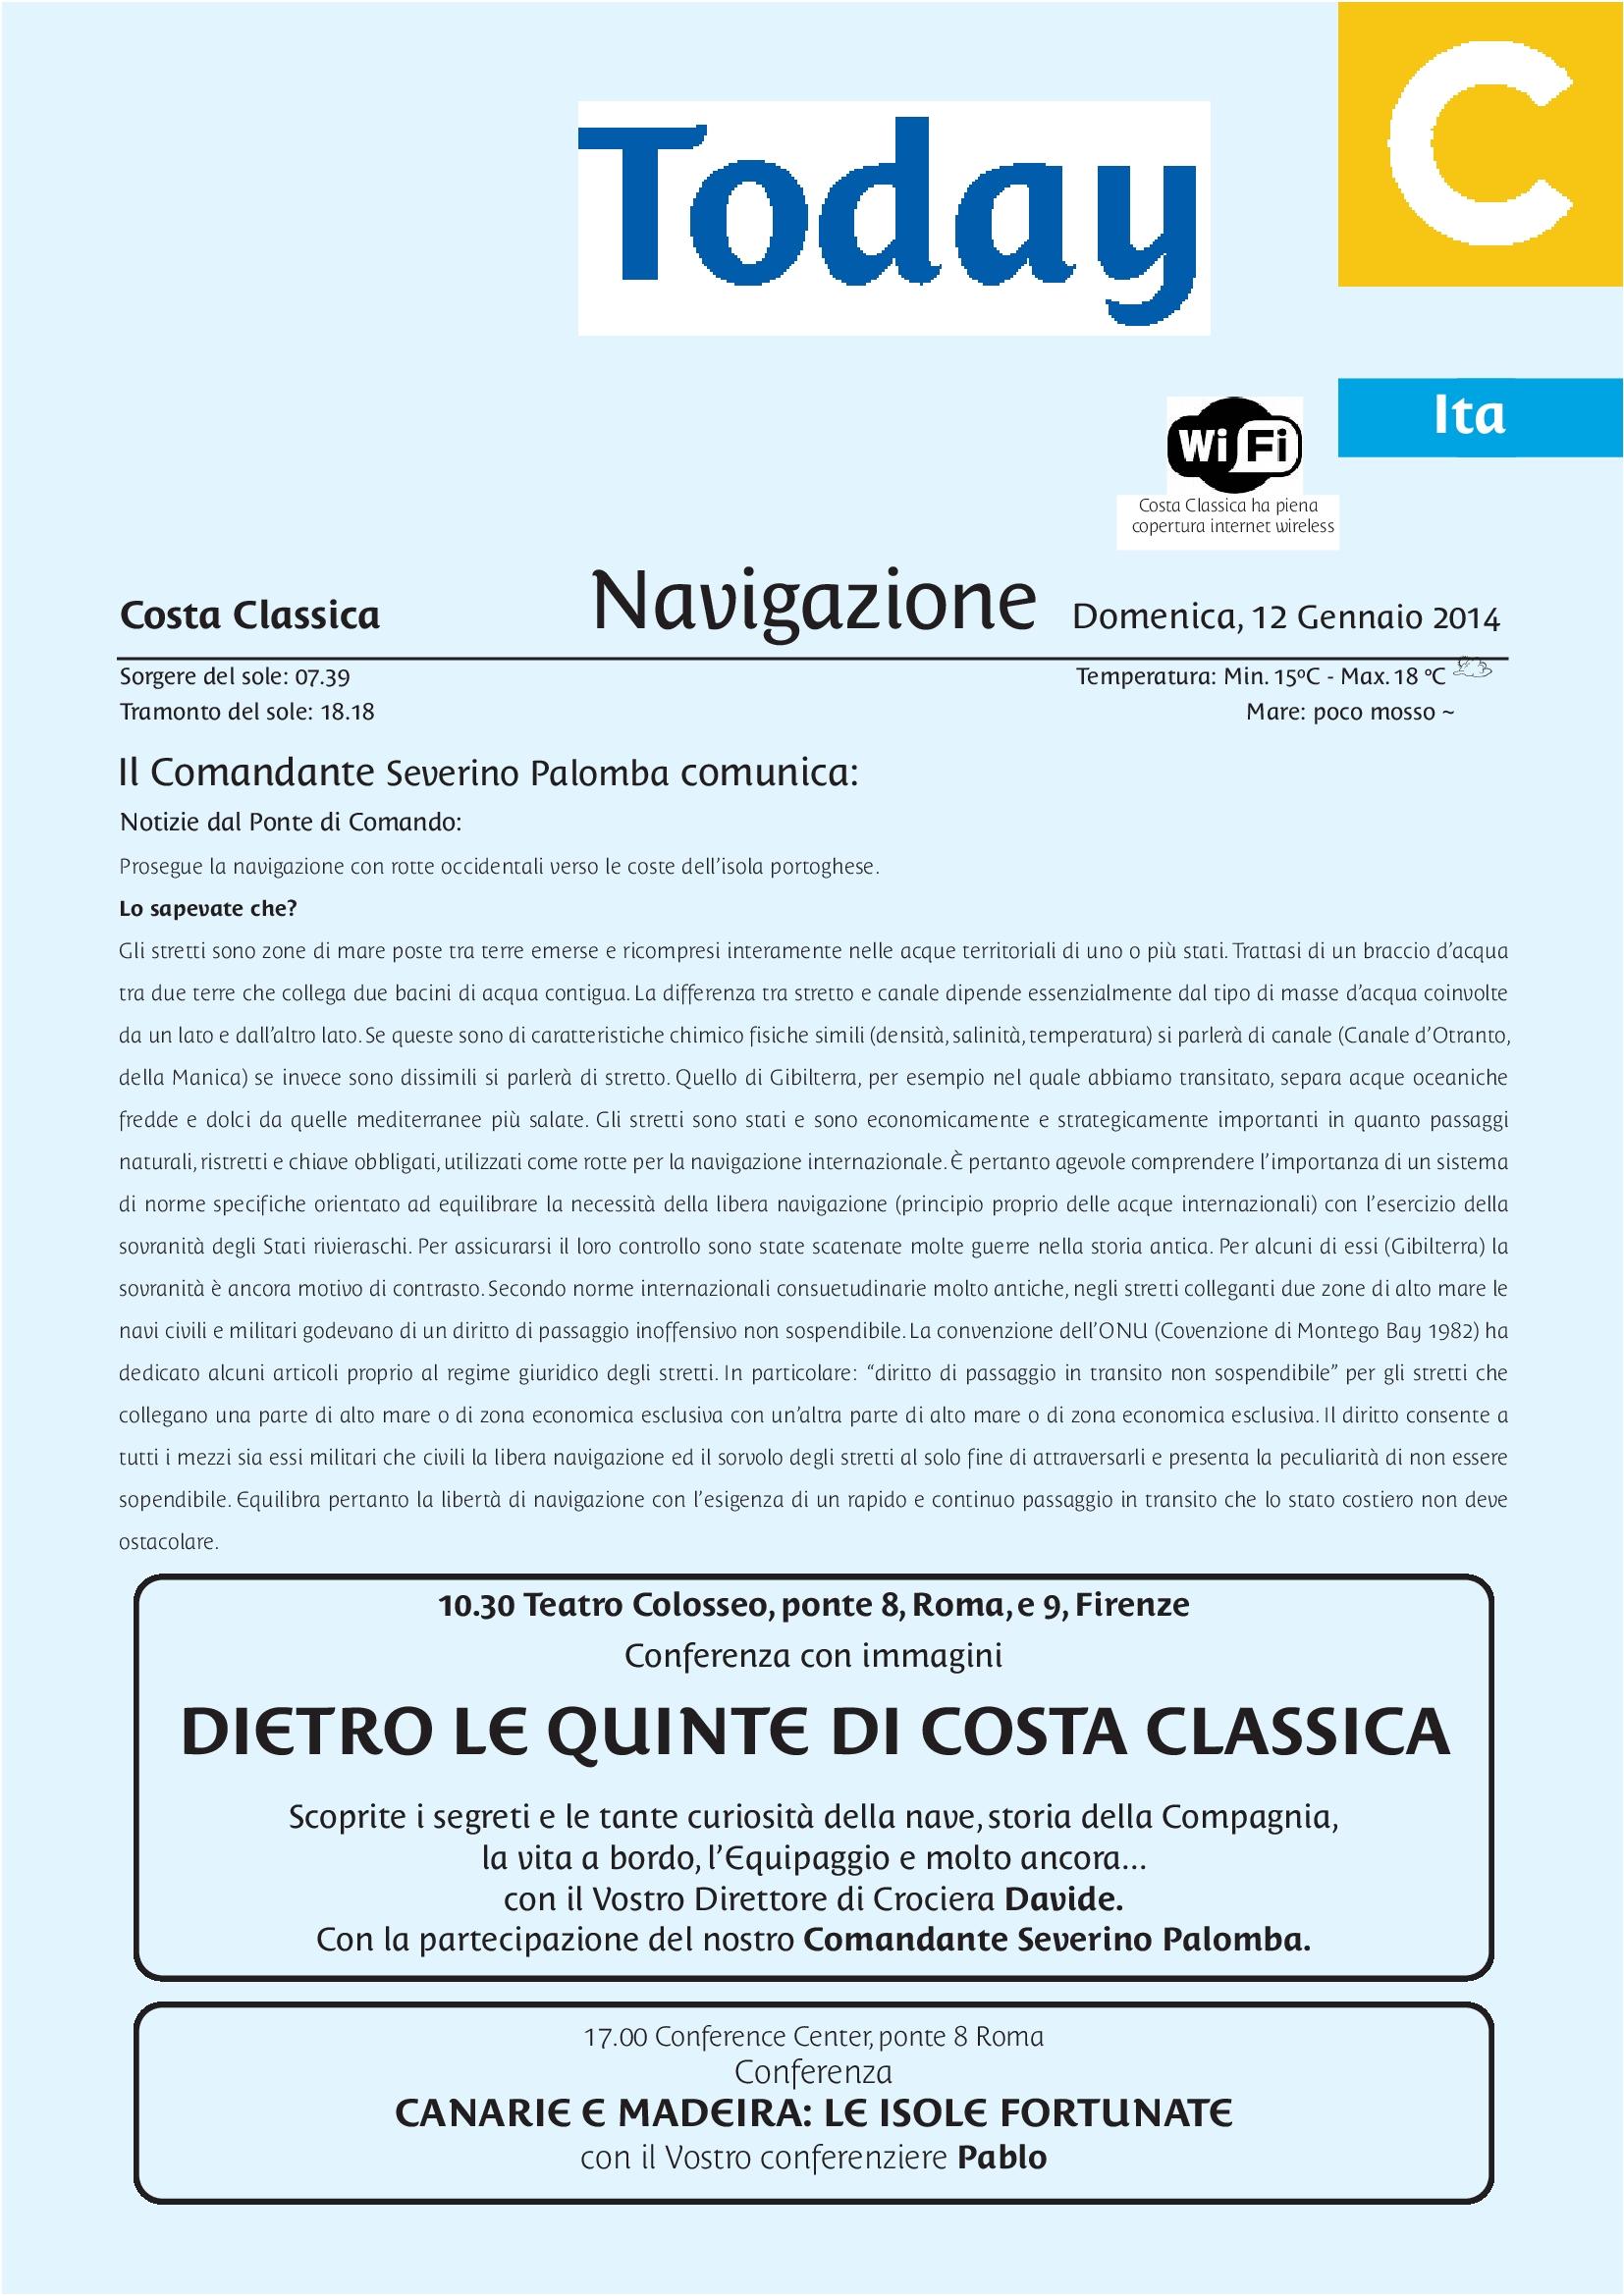 2014/01/12 - Navigazione - Costa Classica-journal_94_q100_cit-it_p1_20140112-jpeg